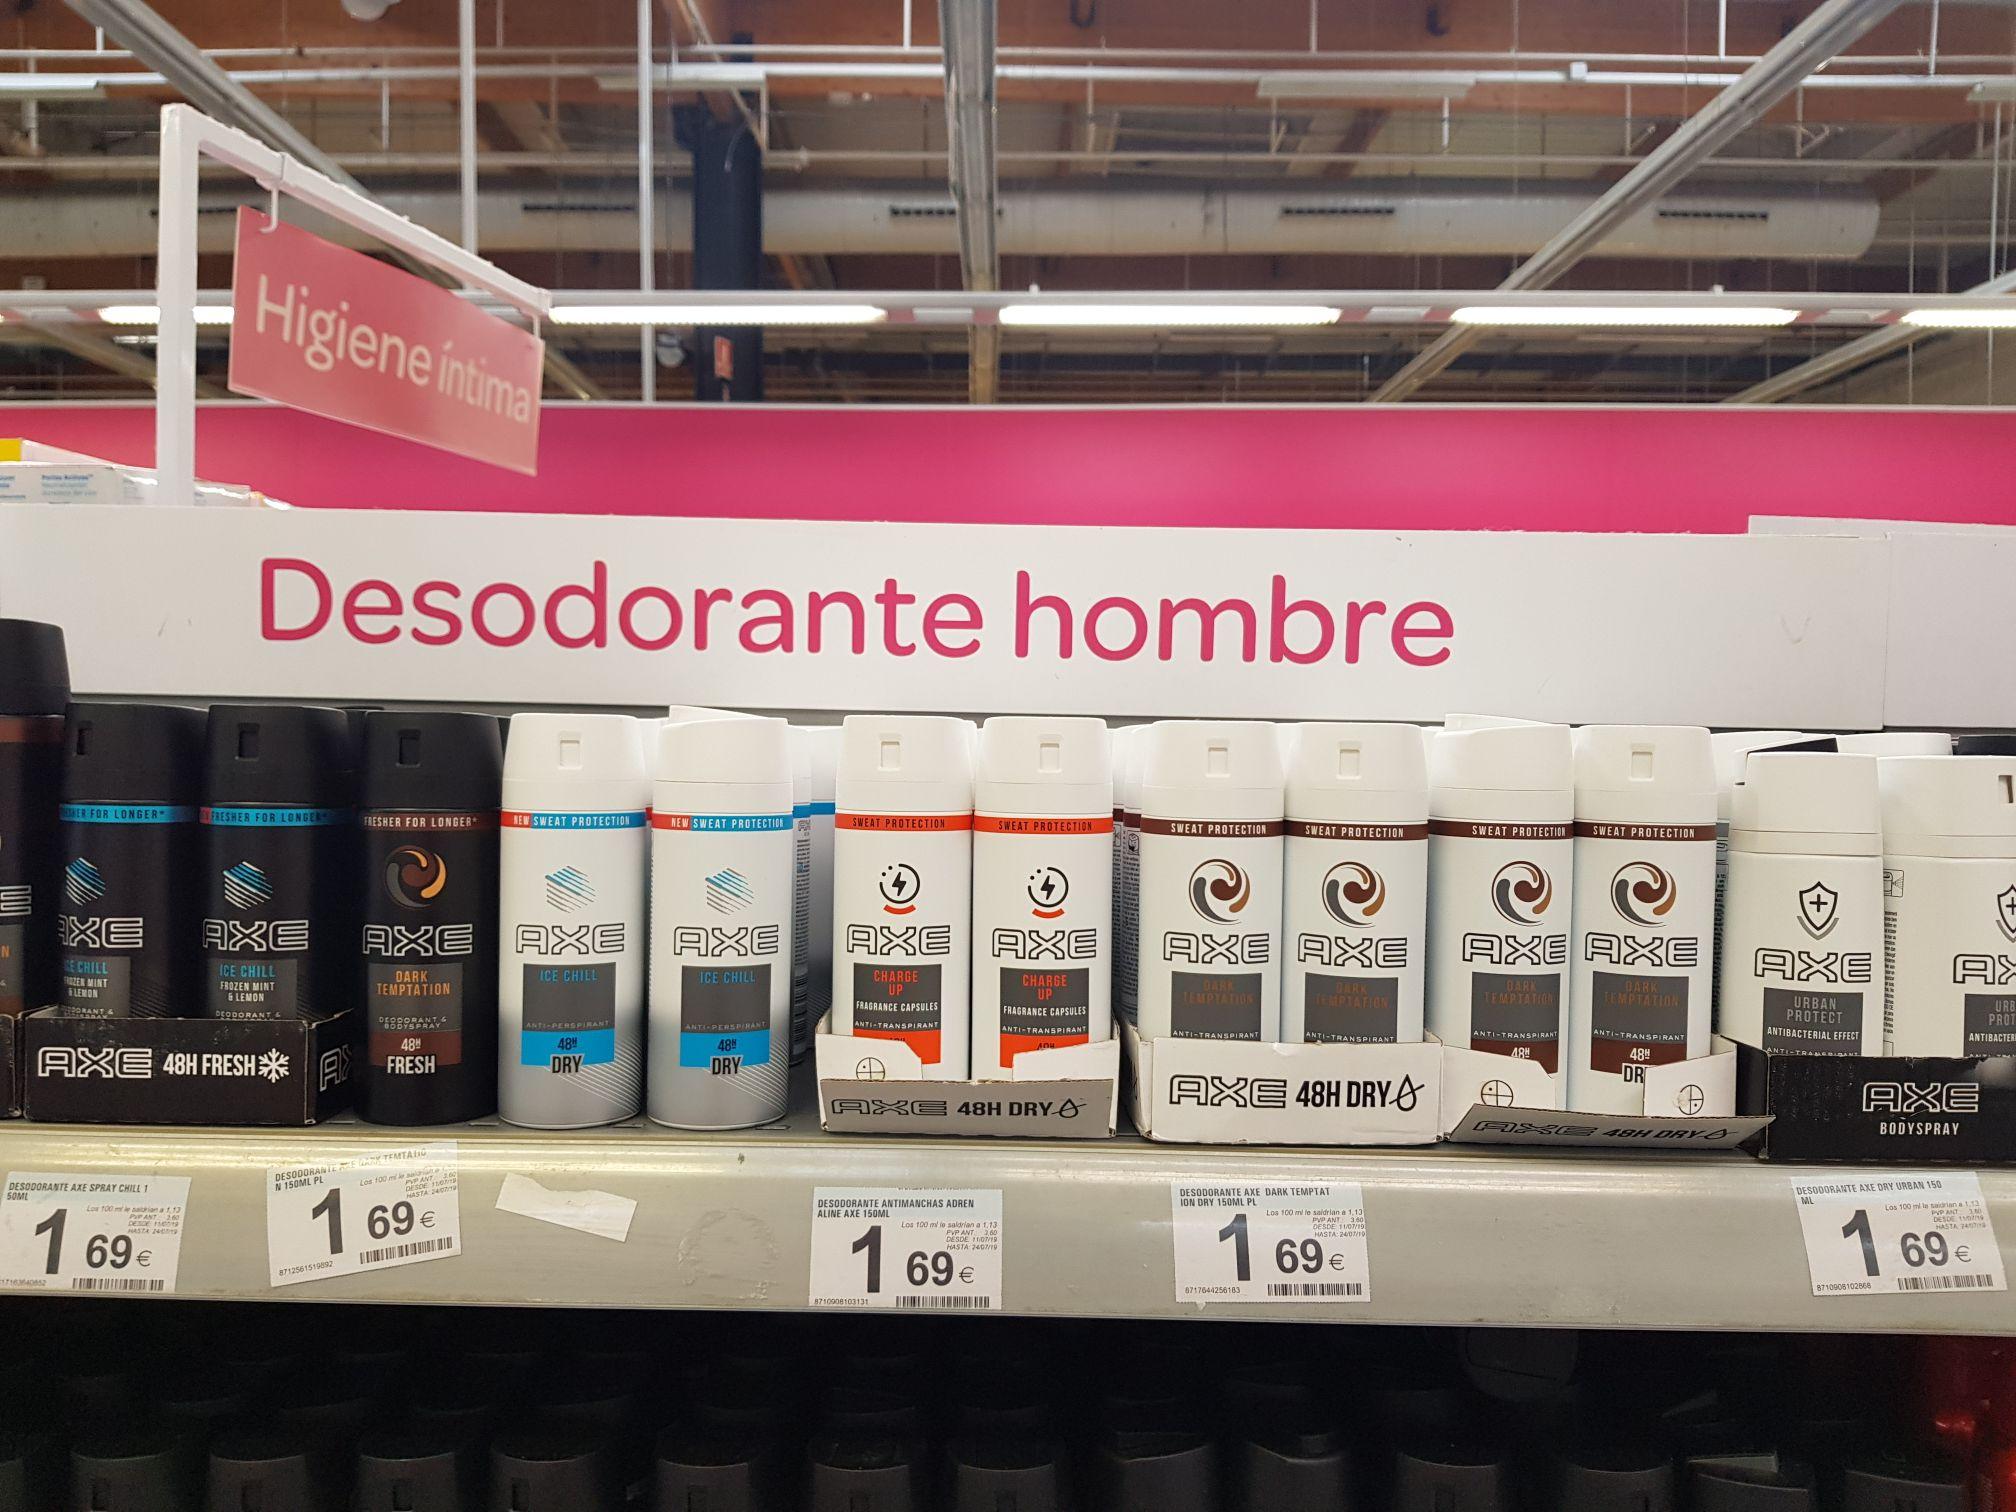 Desodorante axe todas las variedades